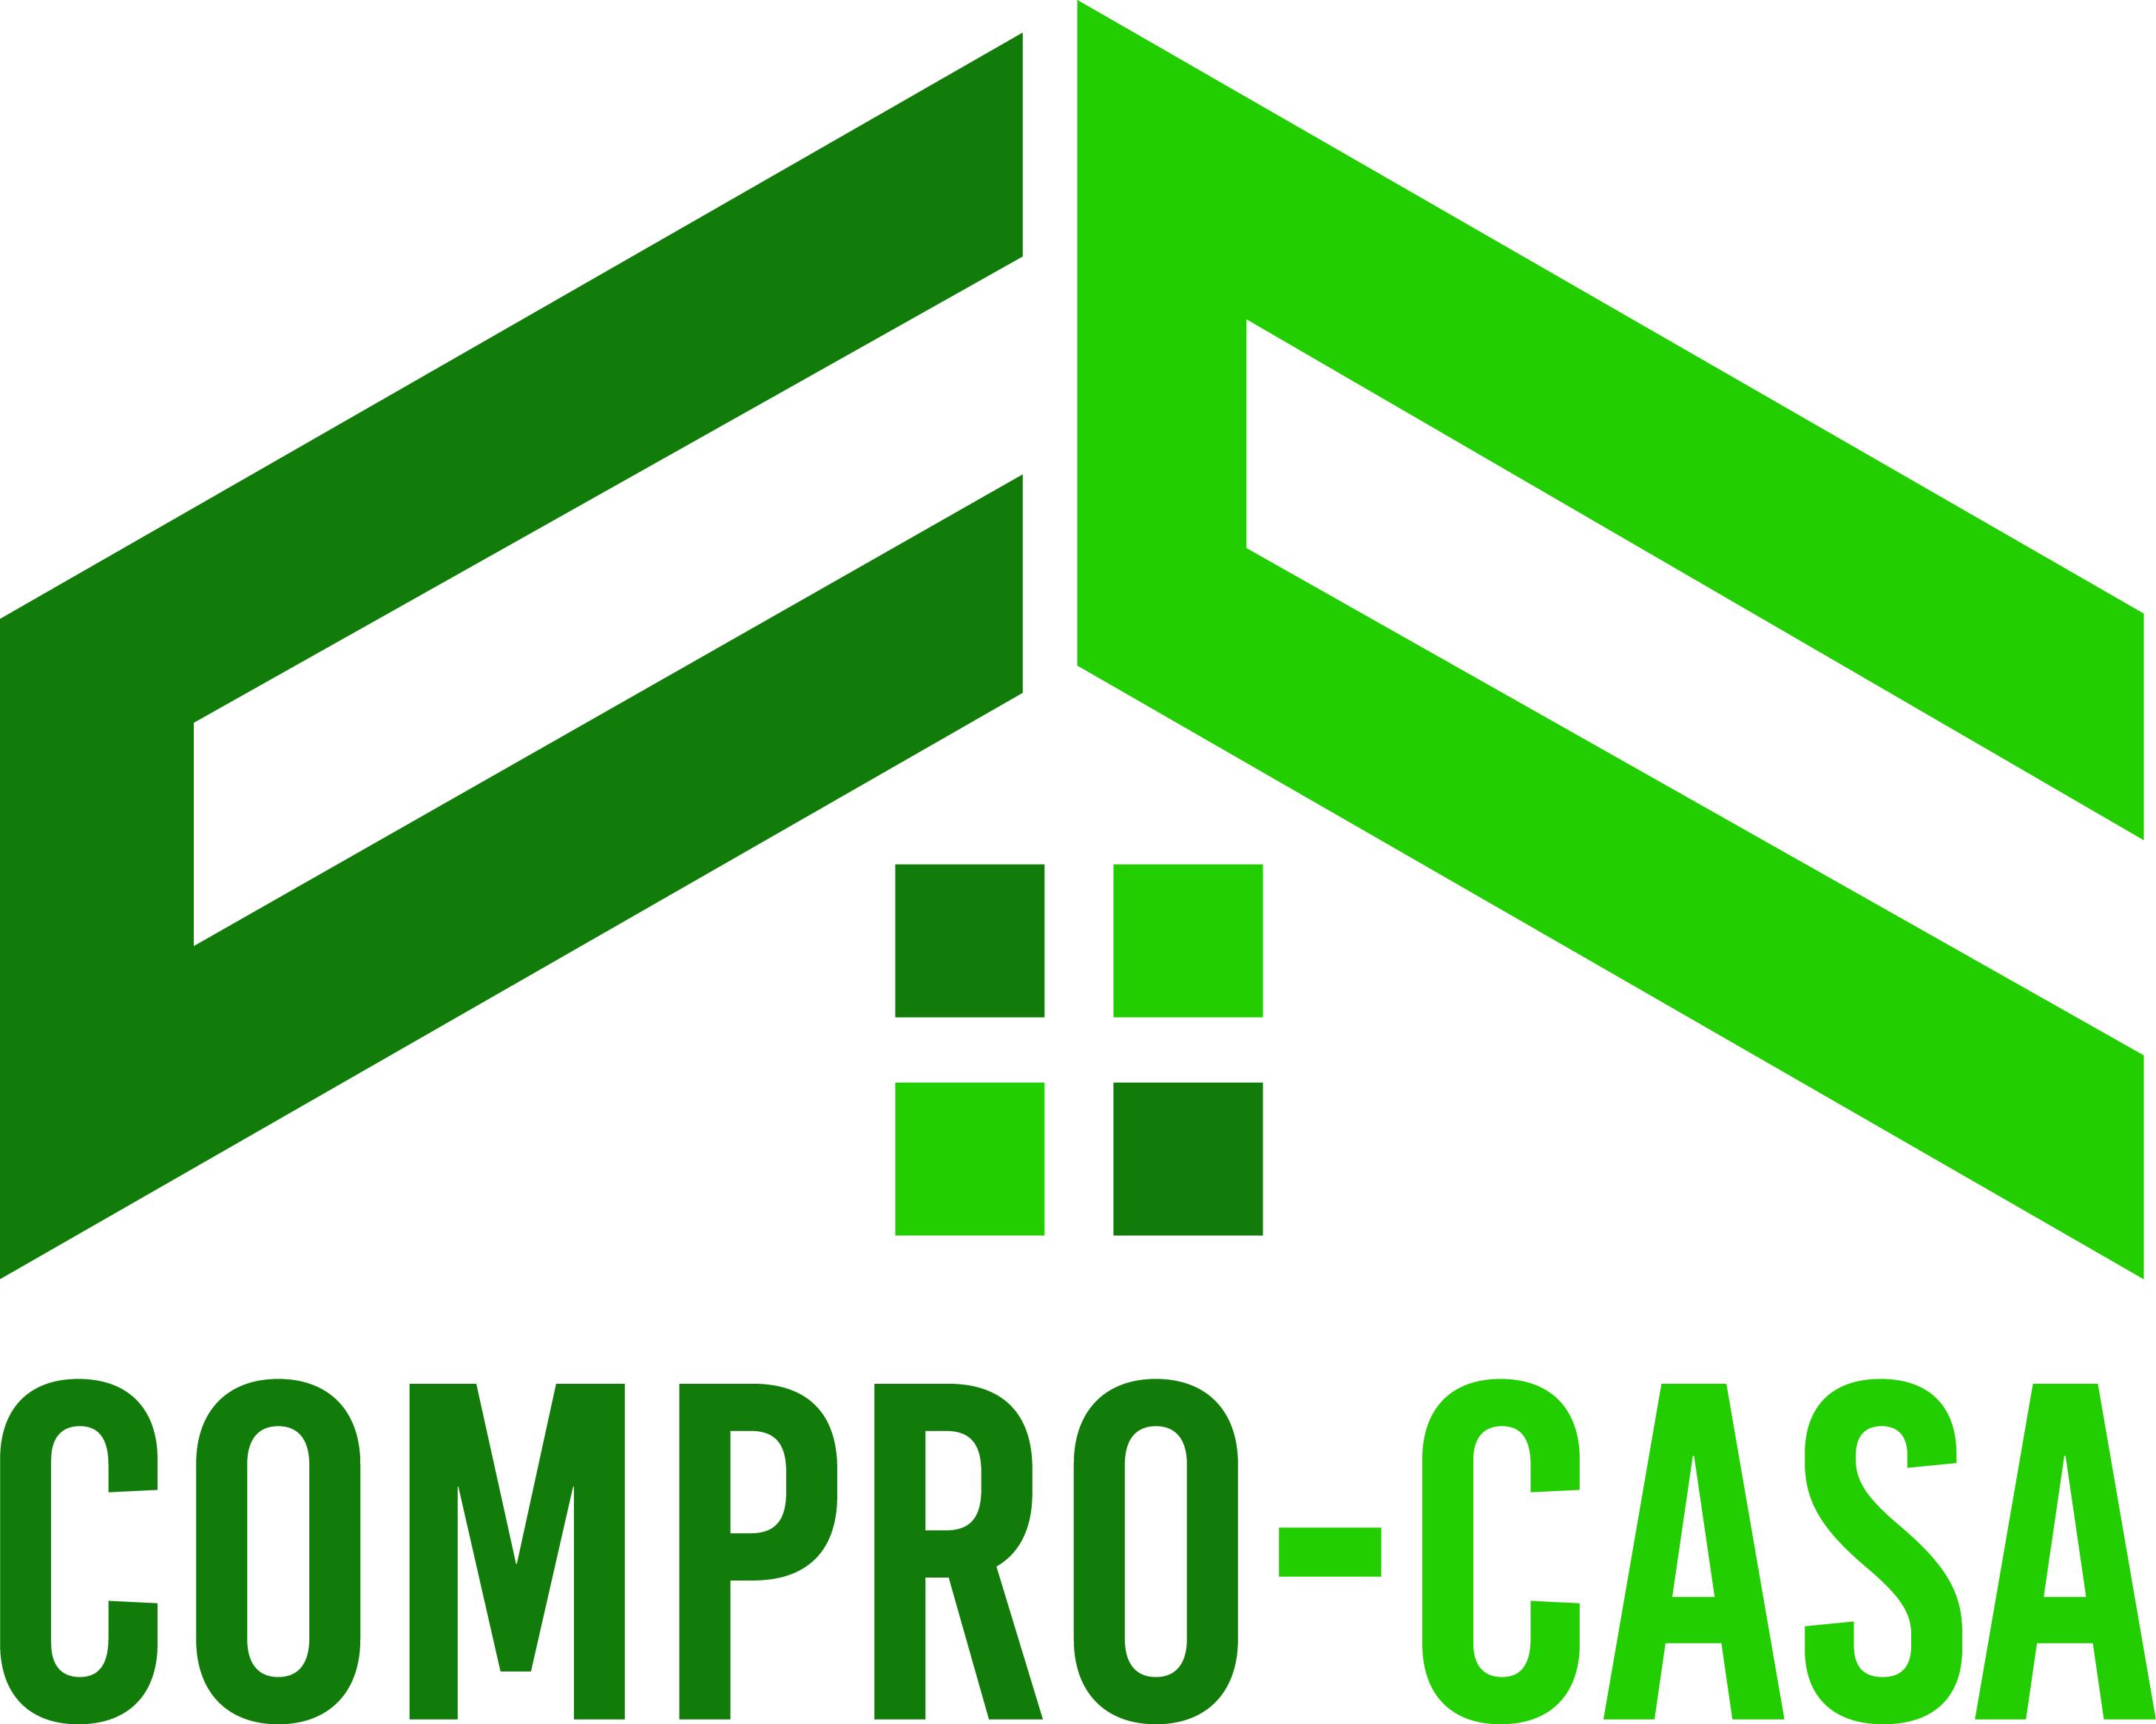 ComproCasaLogoColor.jpg